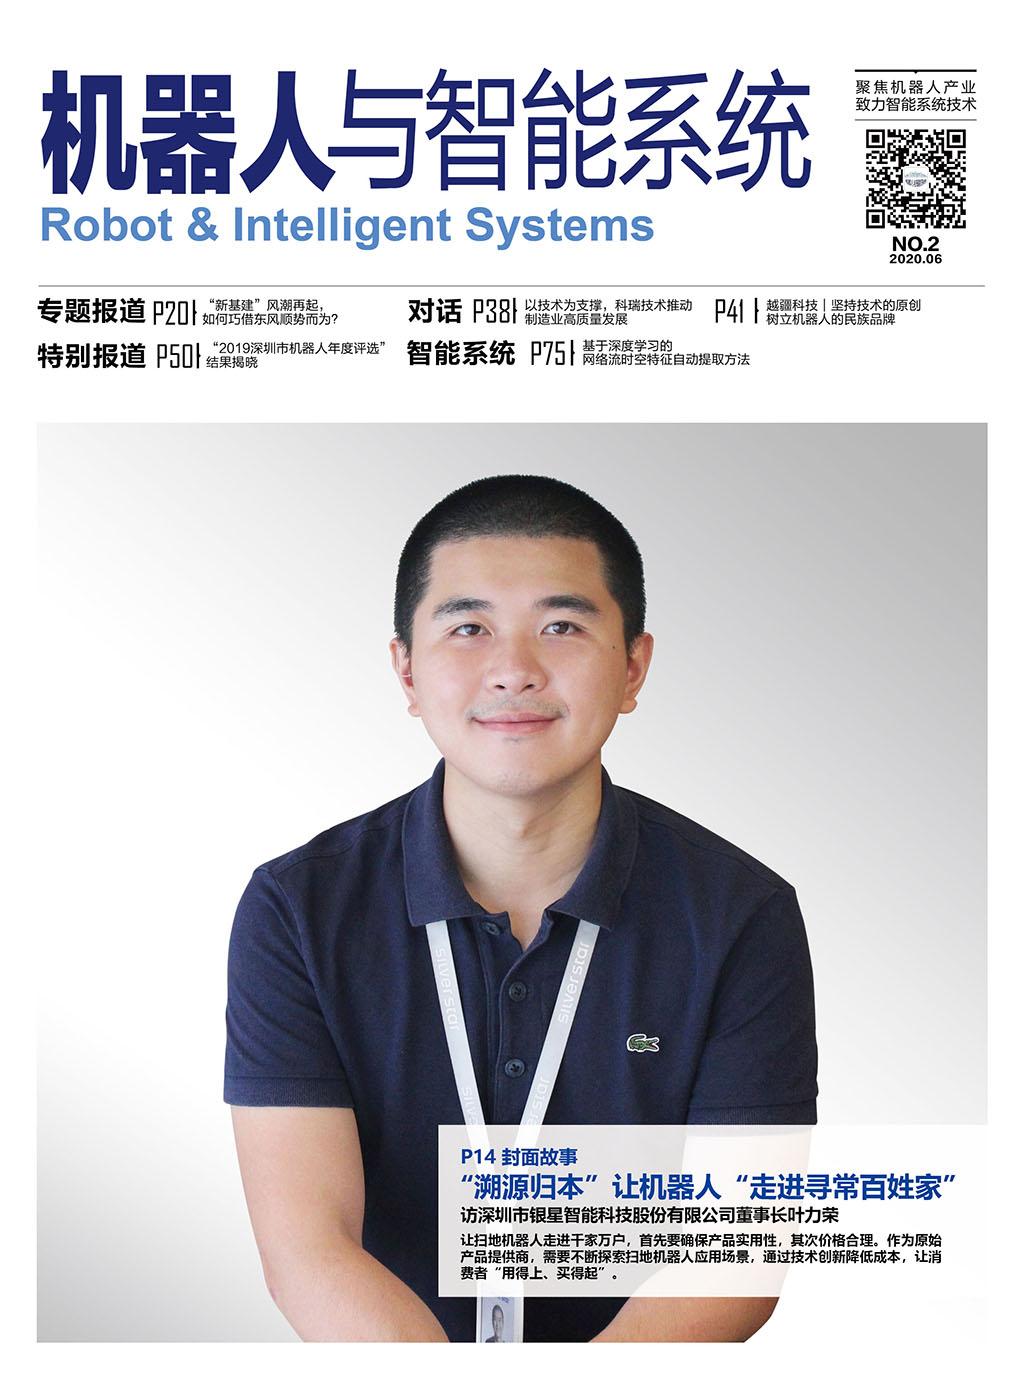 机器人与智能系统